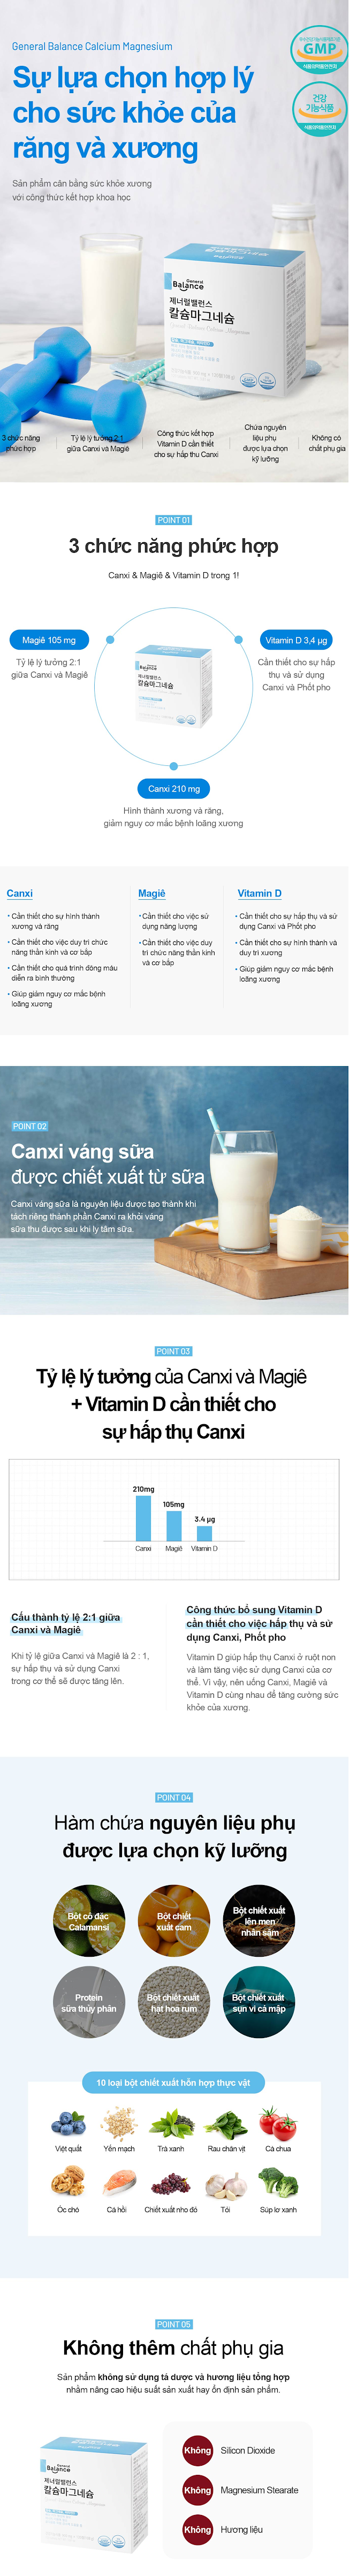 Thuc pham bao ve suc khoe: general balance calcium magnesium